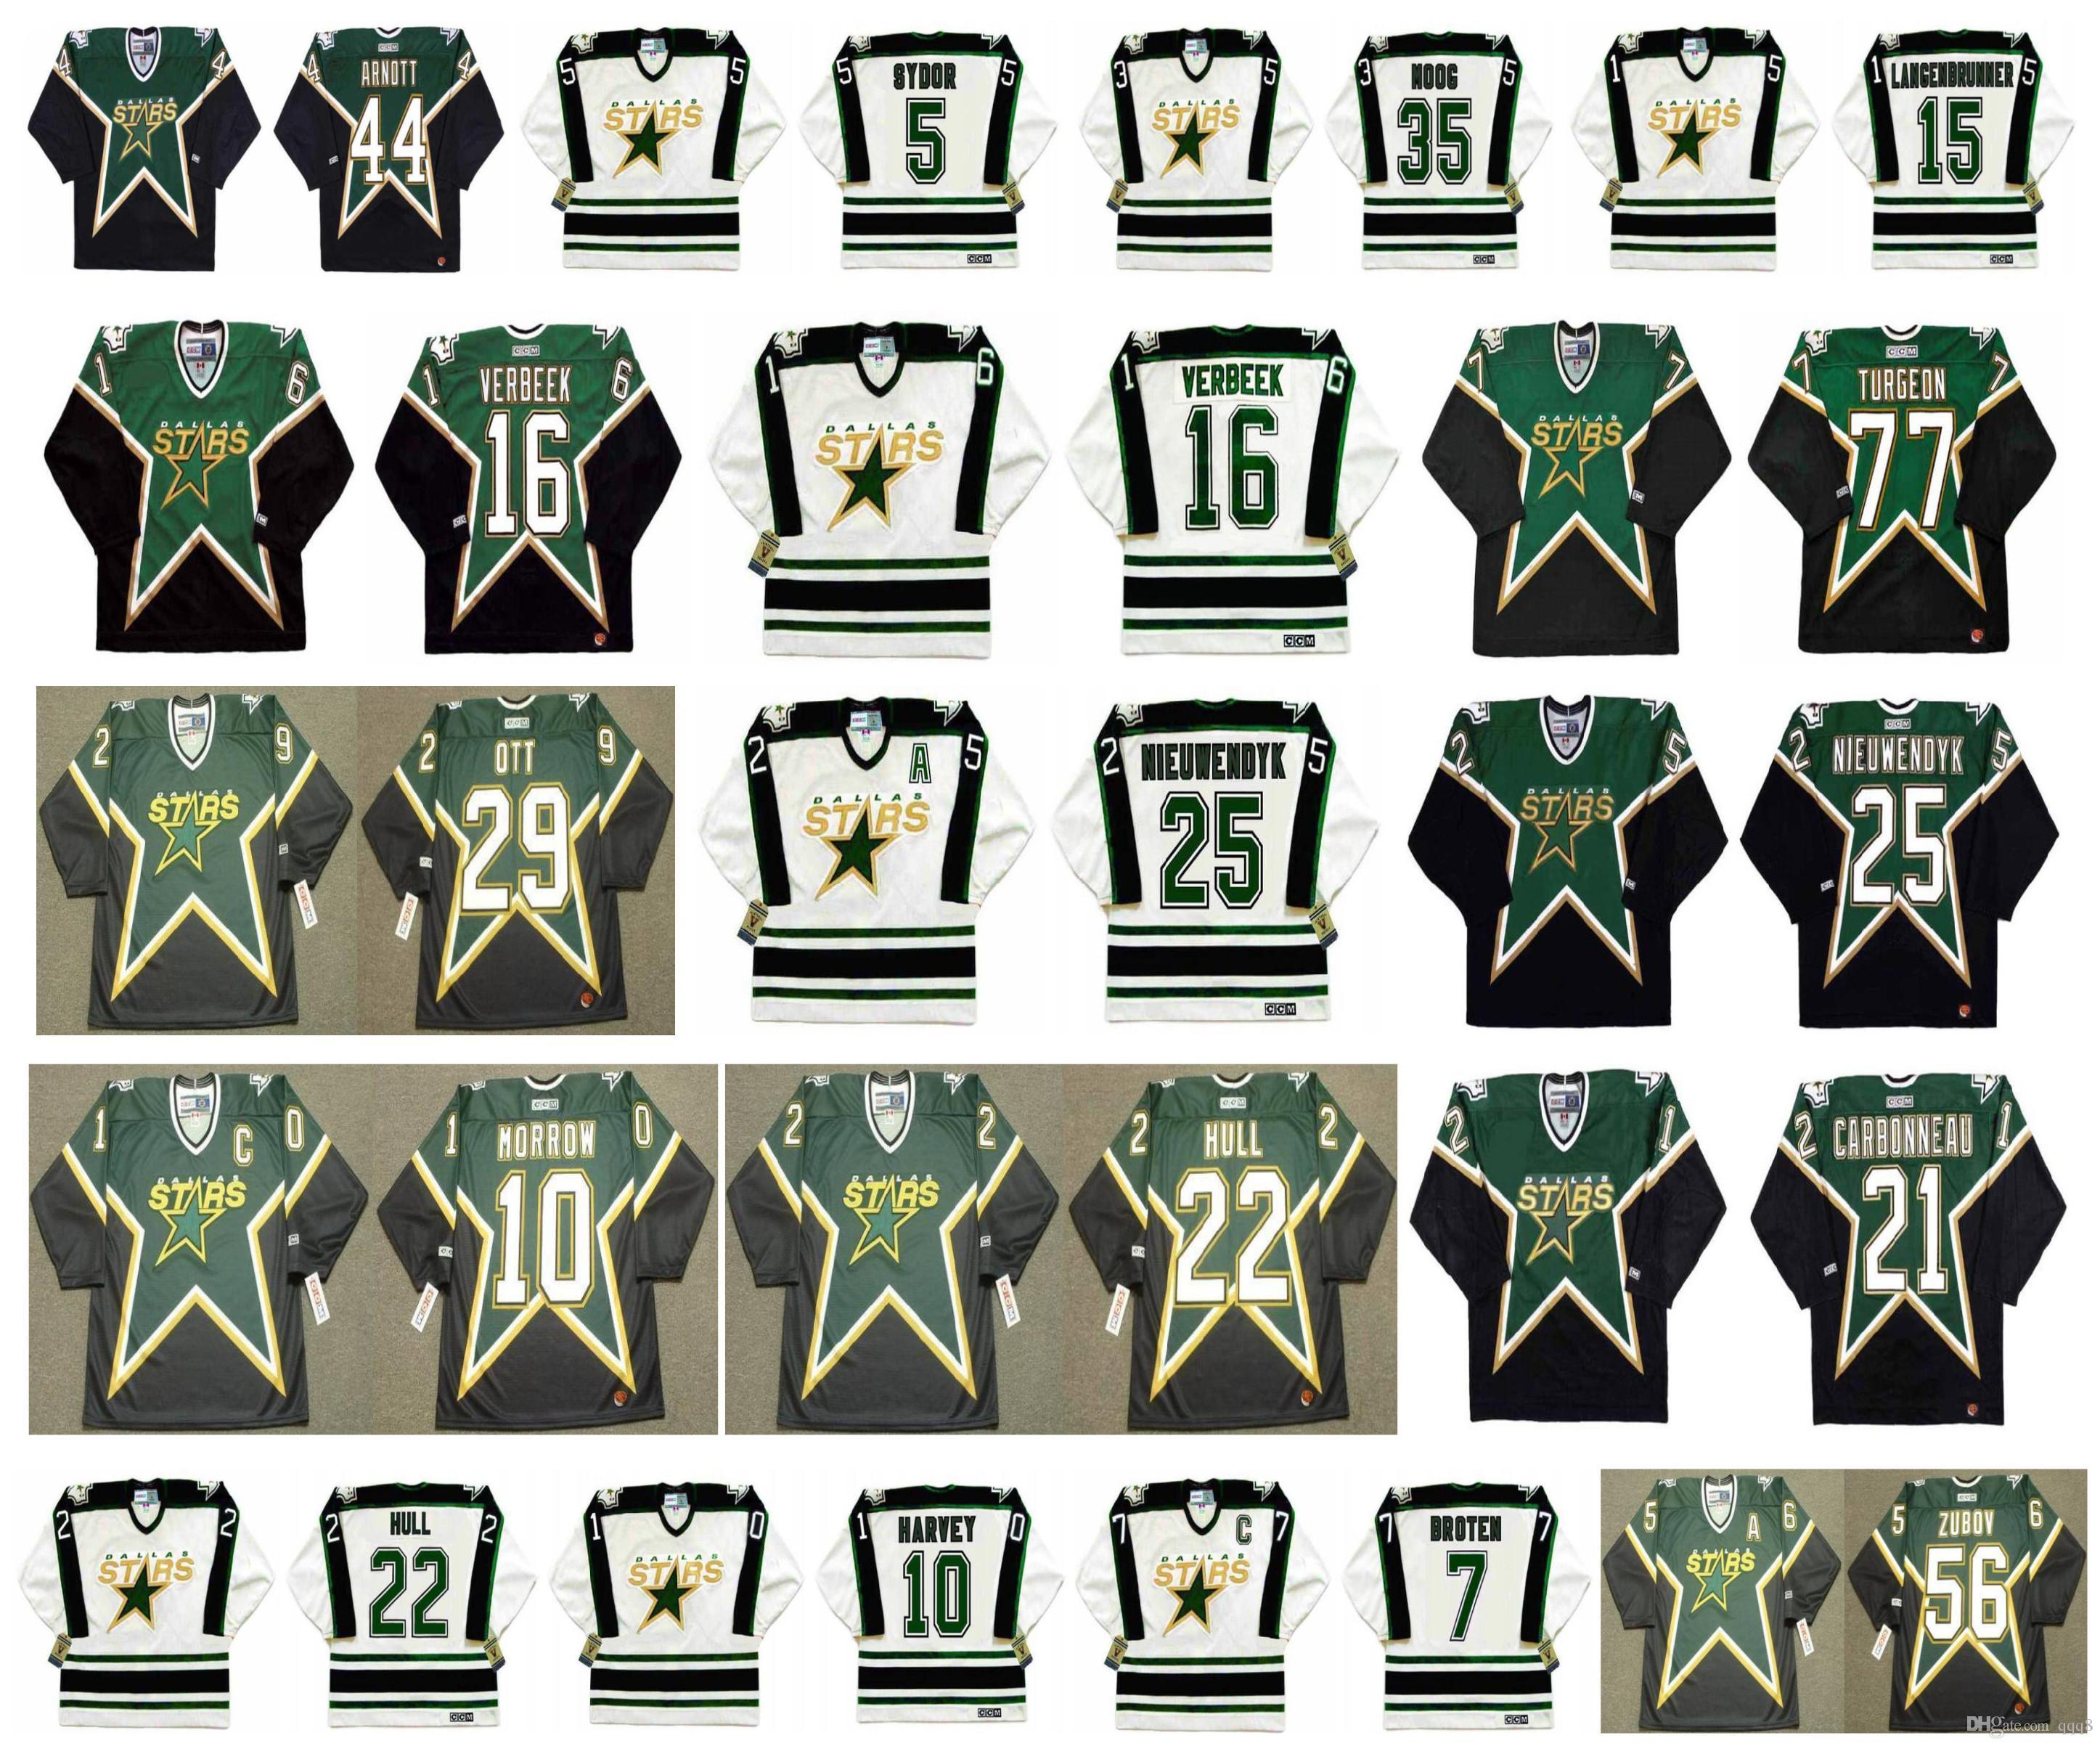 Camisa Dallas Stars Vintage 21 CARY CARBONNEAU 44 JASON ARNOTT 5 DARRYL SYDOR 35 ANDY MOOG 15 JAMIE LANGENBRUNNER 10 TODD HARVEY Retro Hockey